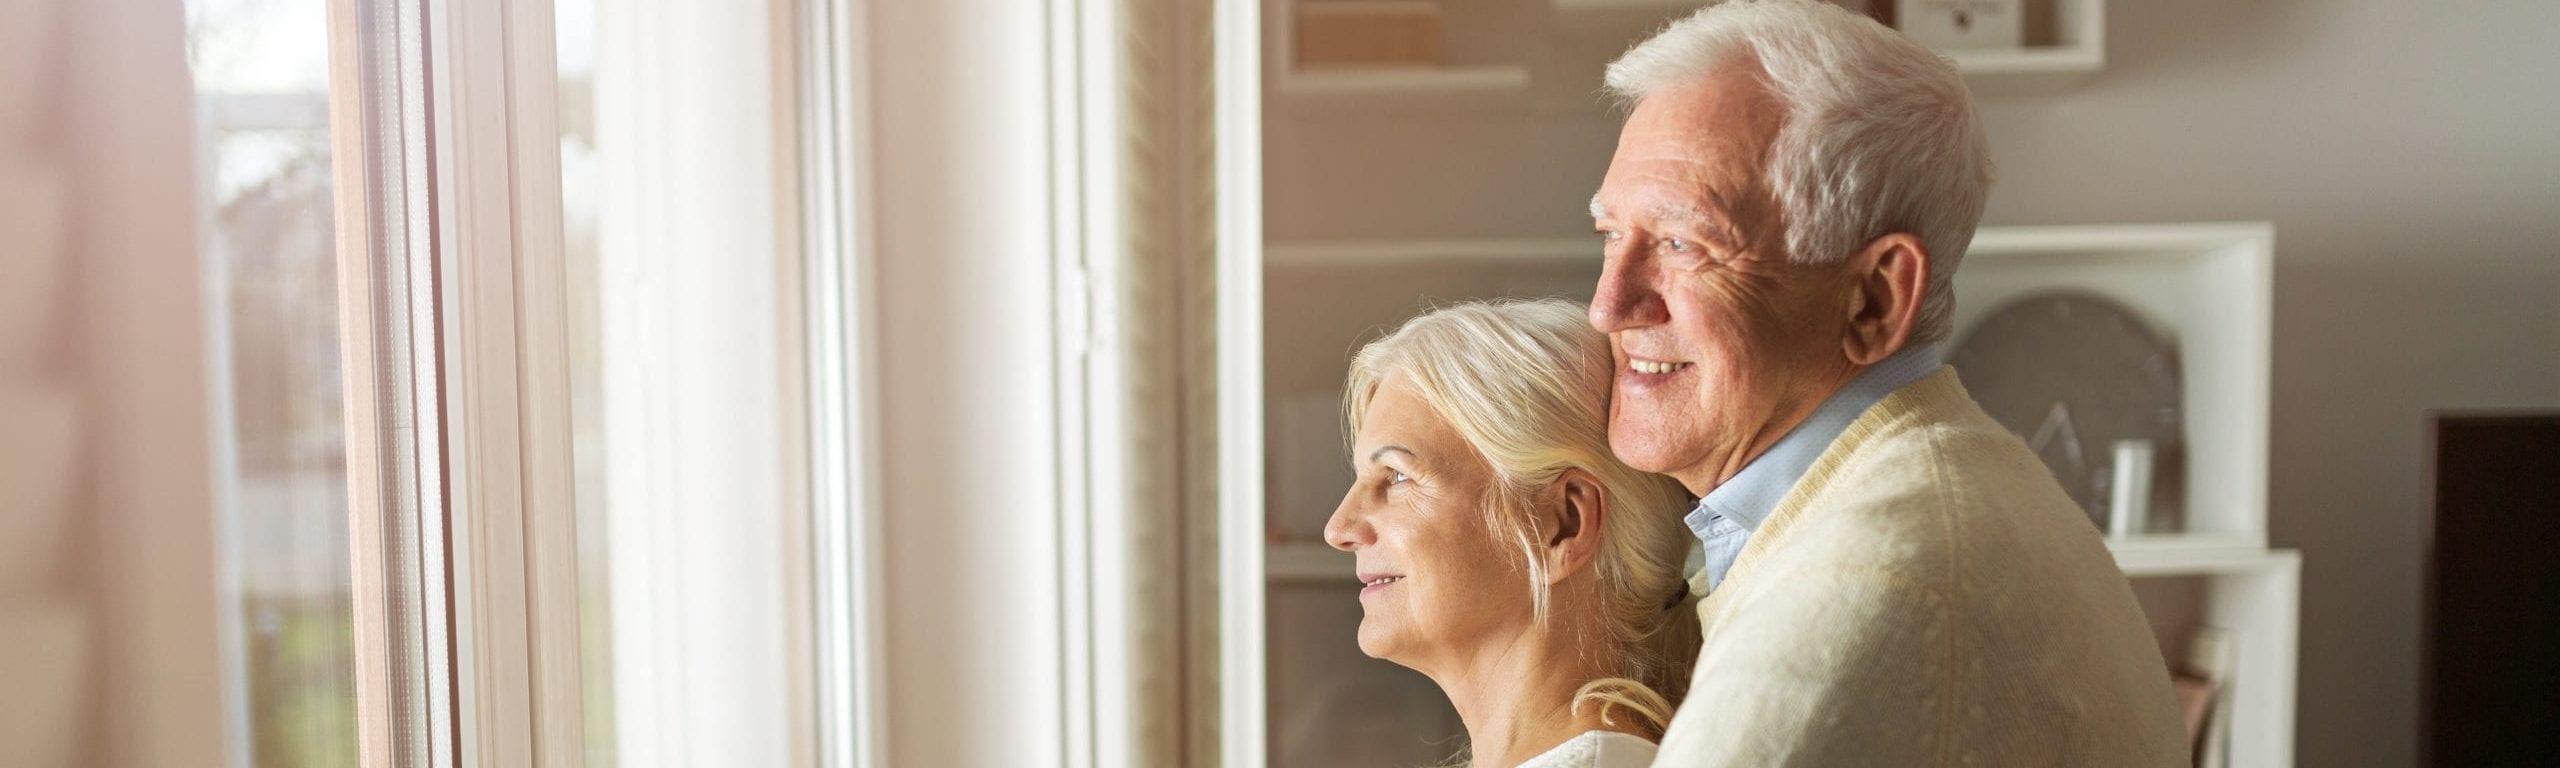 Zufriedener Rentner umarmt seine Ehefrau.